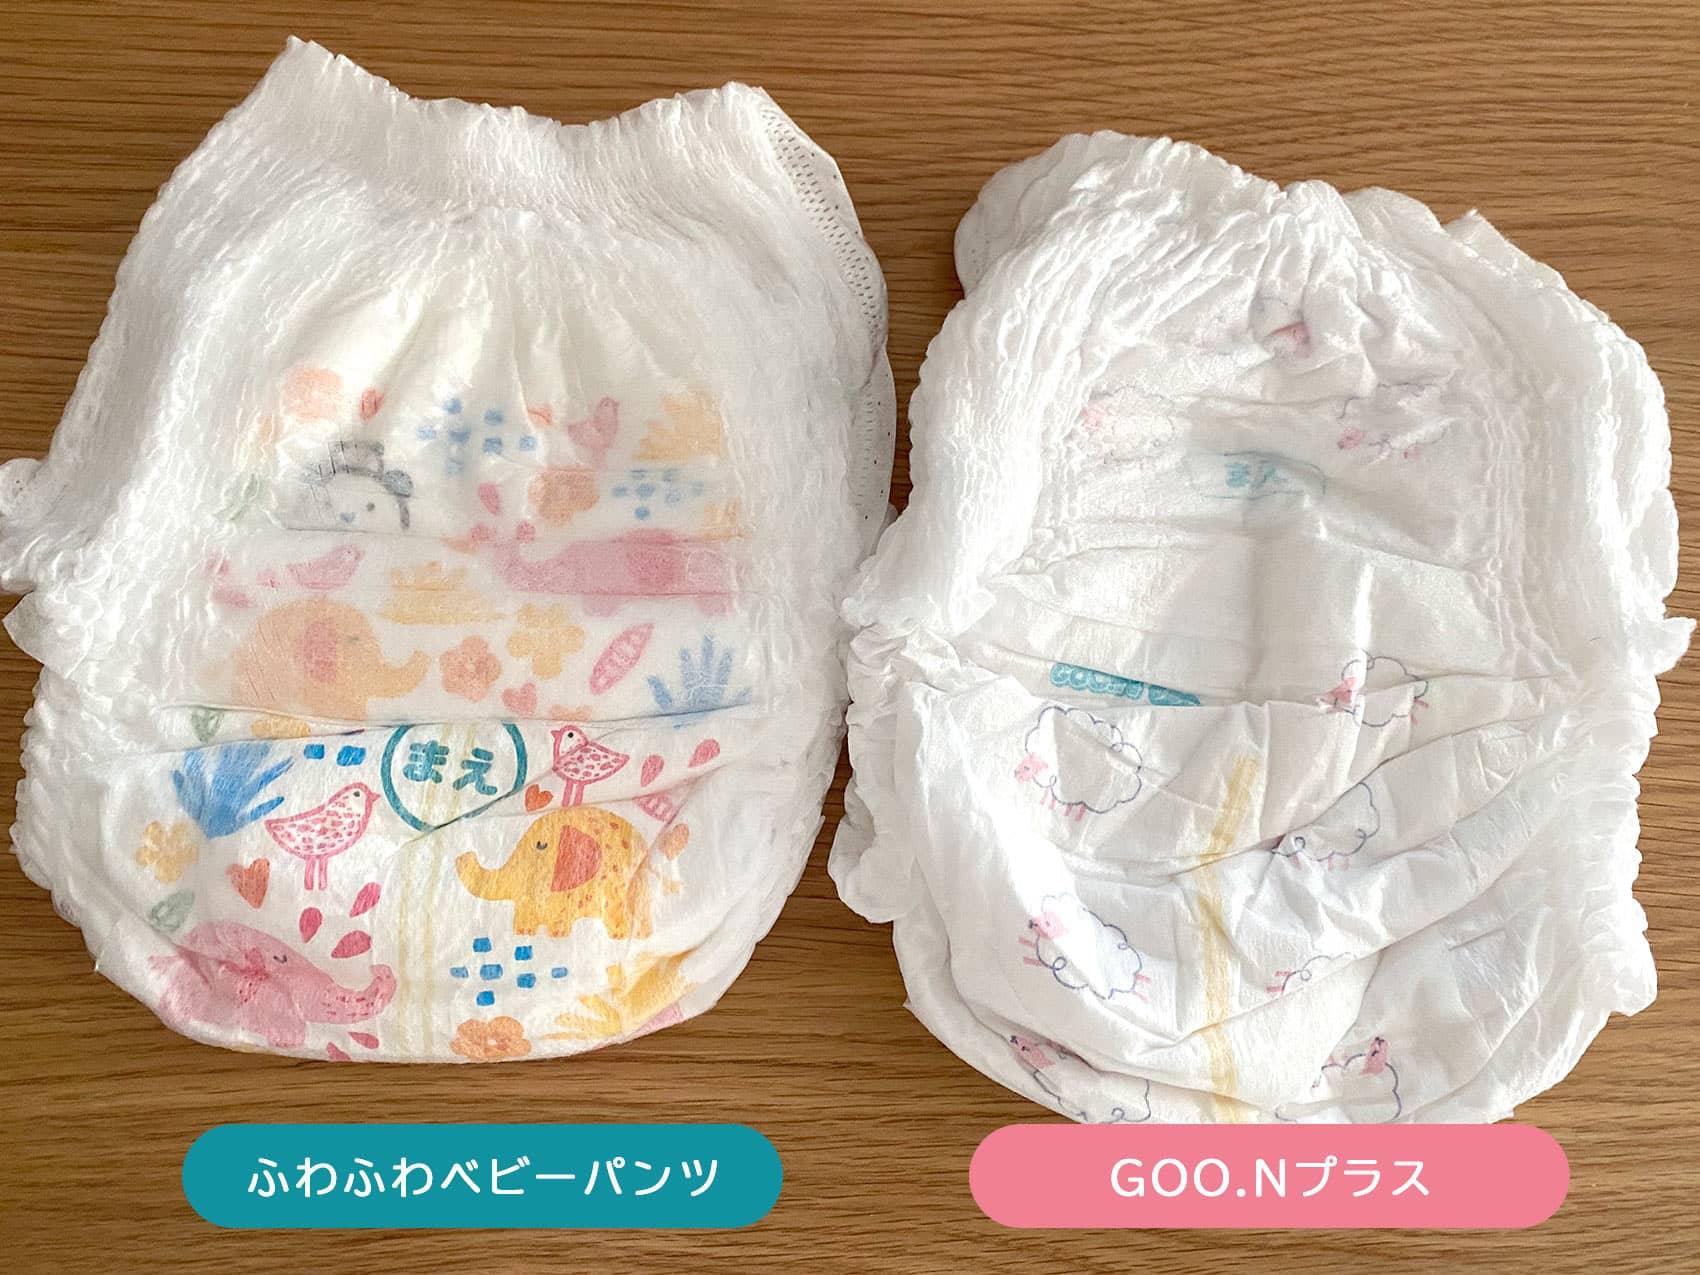 Mama Bearのオムツ「ふわふわベビーパンツ」とGOO.Nの「GOO.Nプラス」比較1